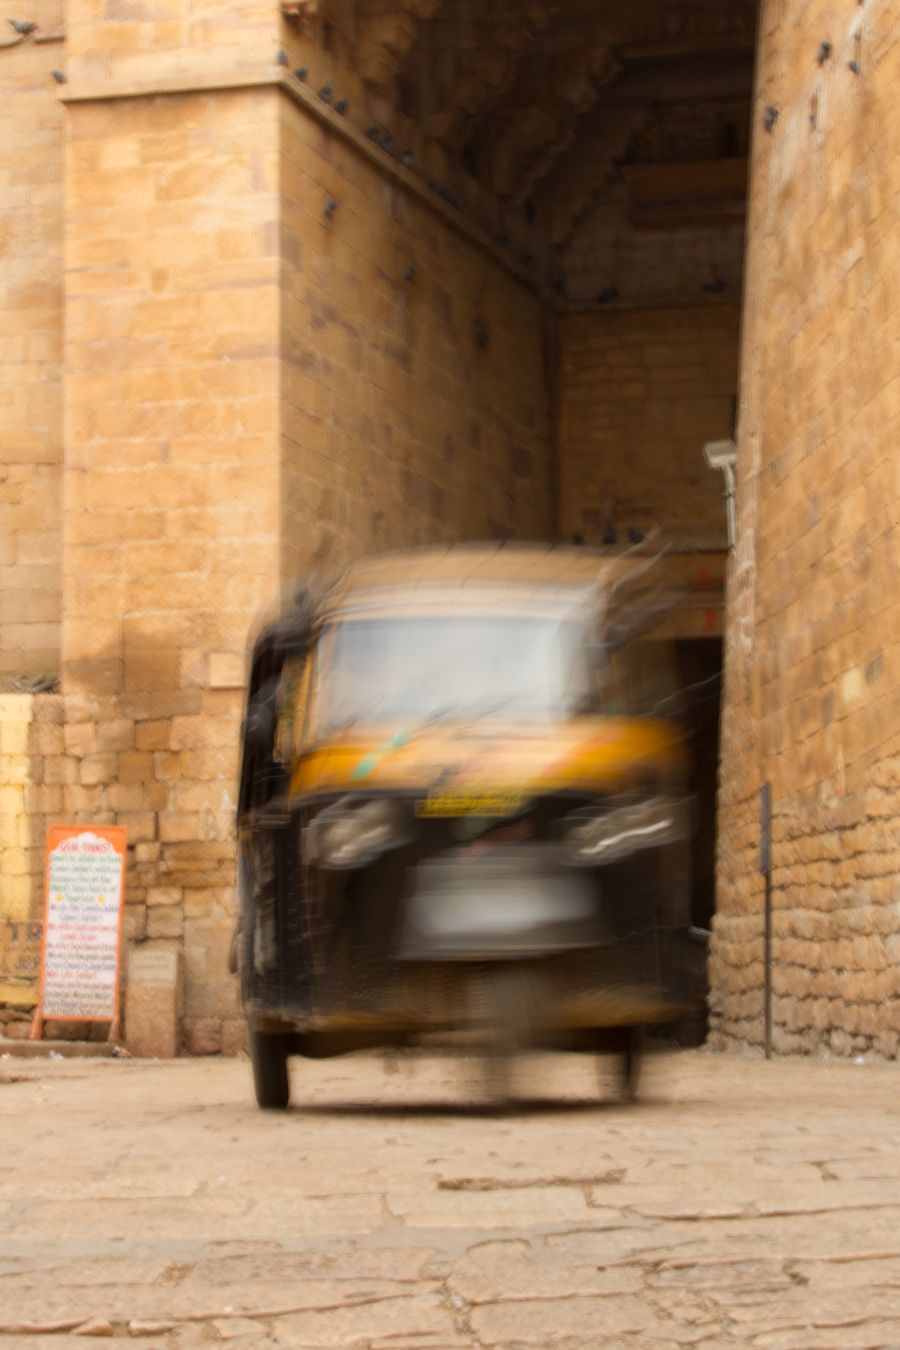 Auto Rickshaw, Jaisalmer, Rajasthan, Feb 2013